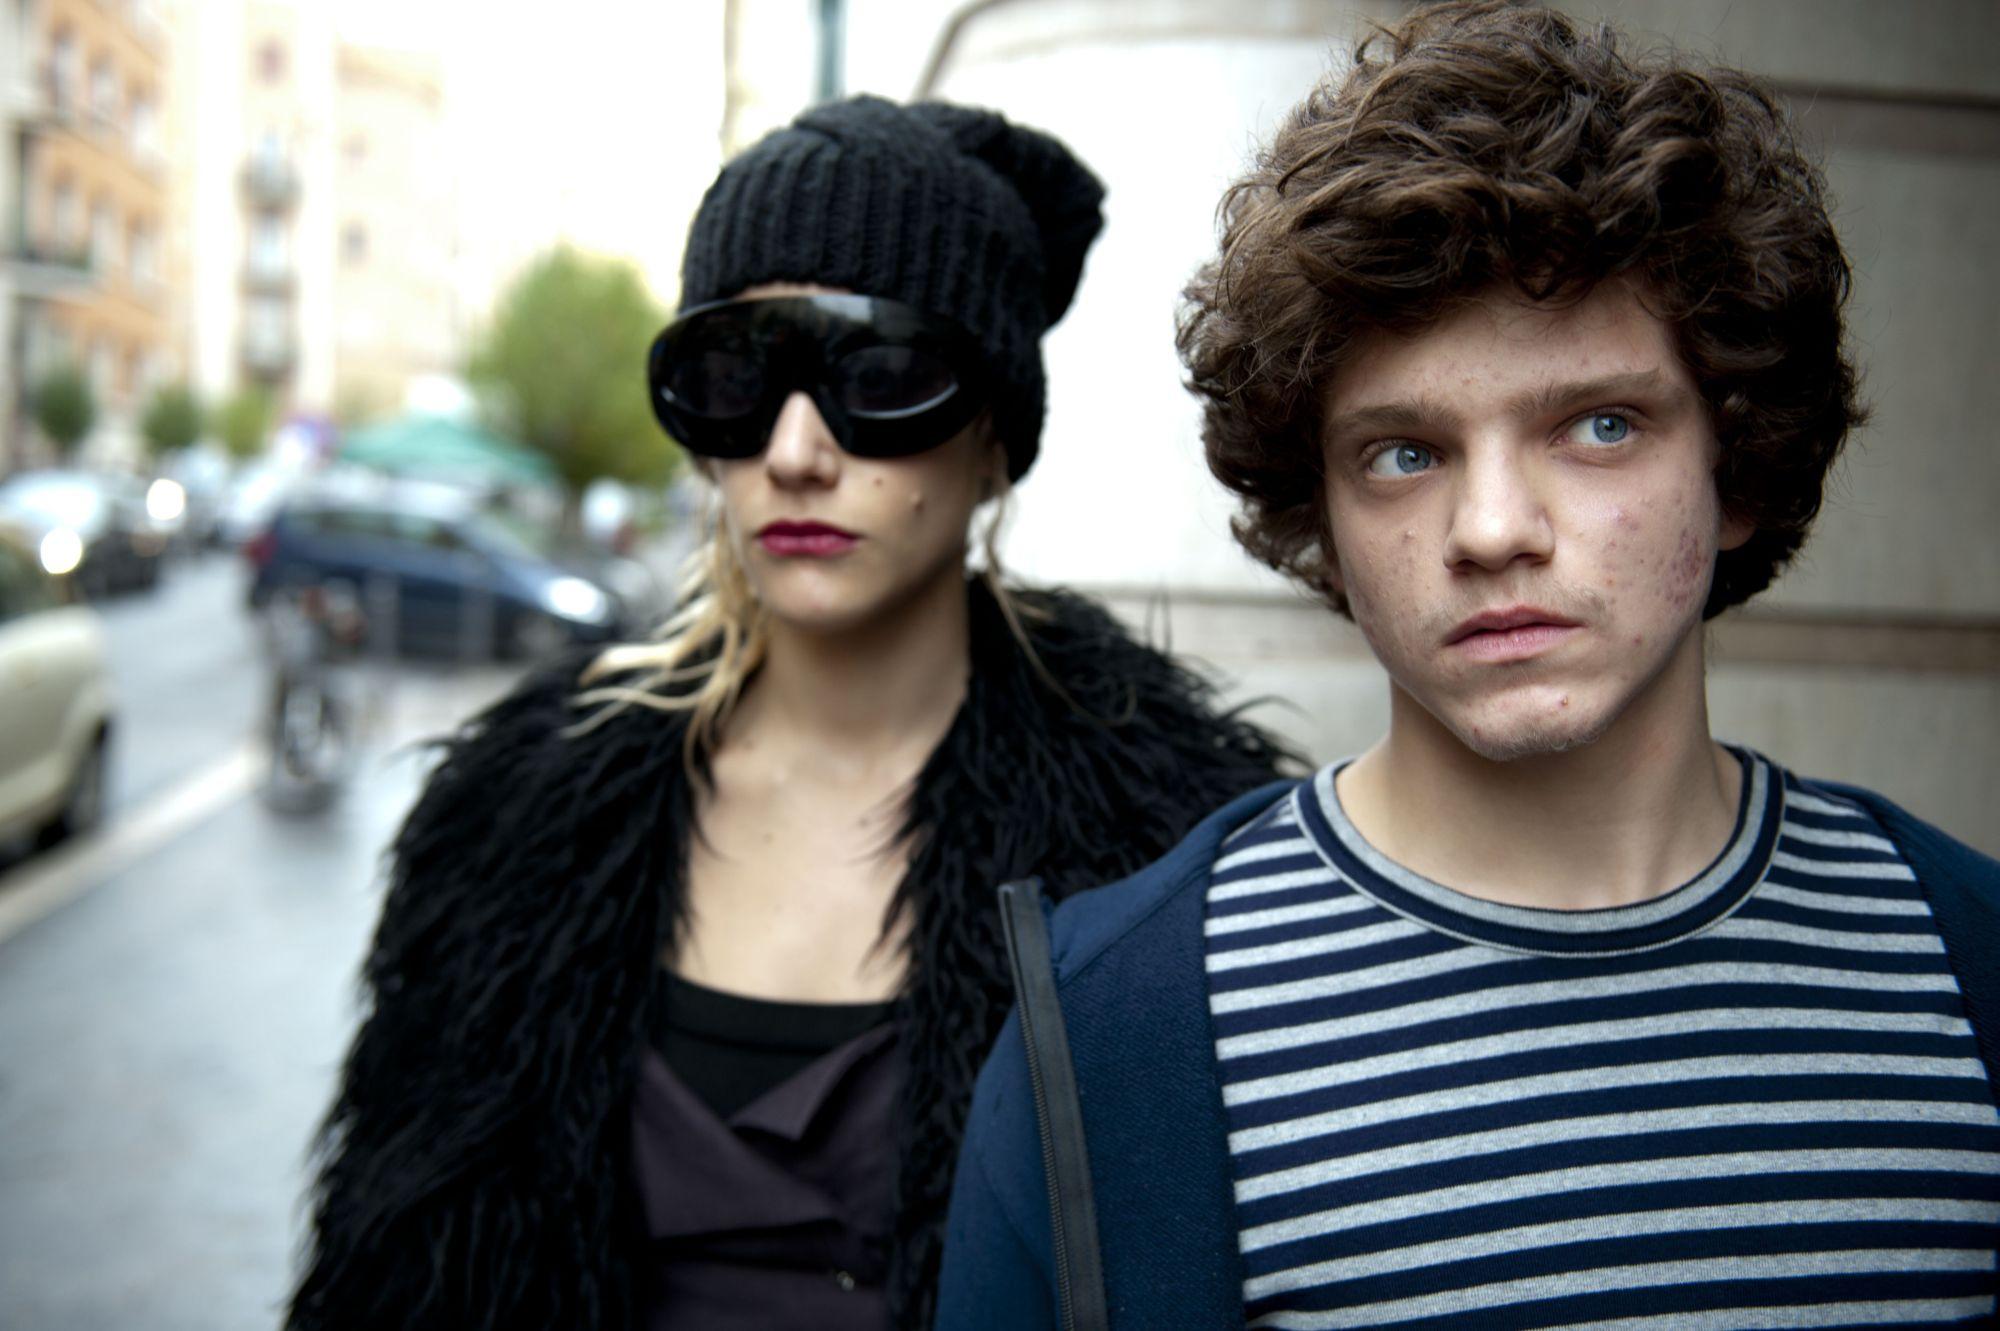 """Concorso fotografico per celebrare """"IO E TE"""", il nuovo film Bertolucci"""